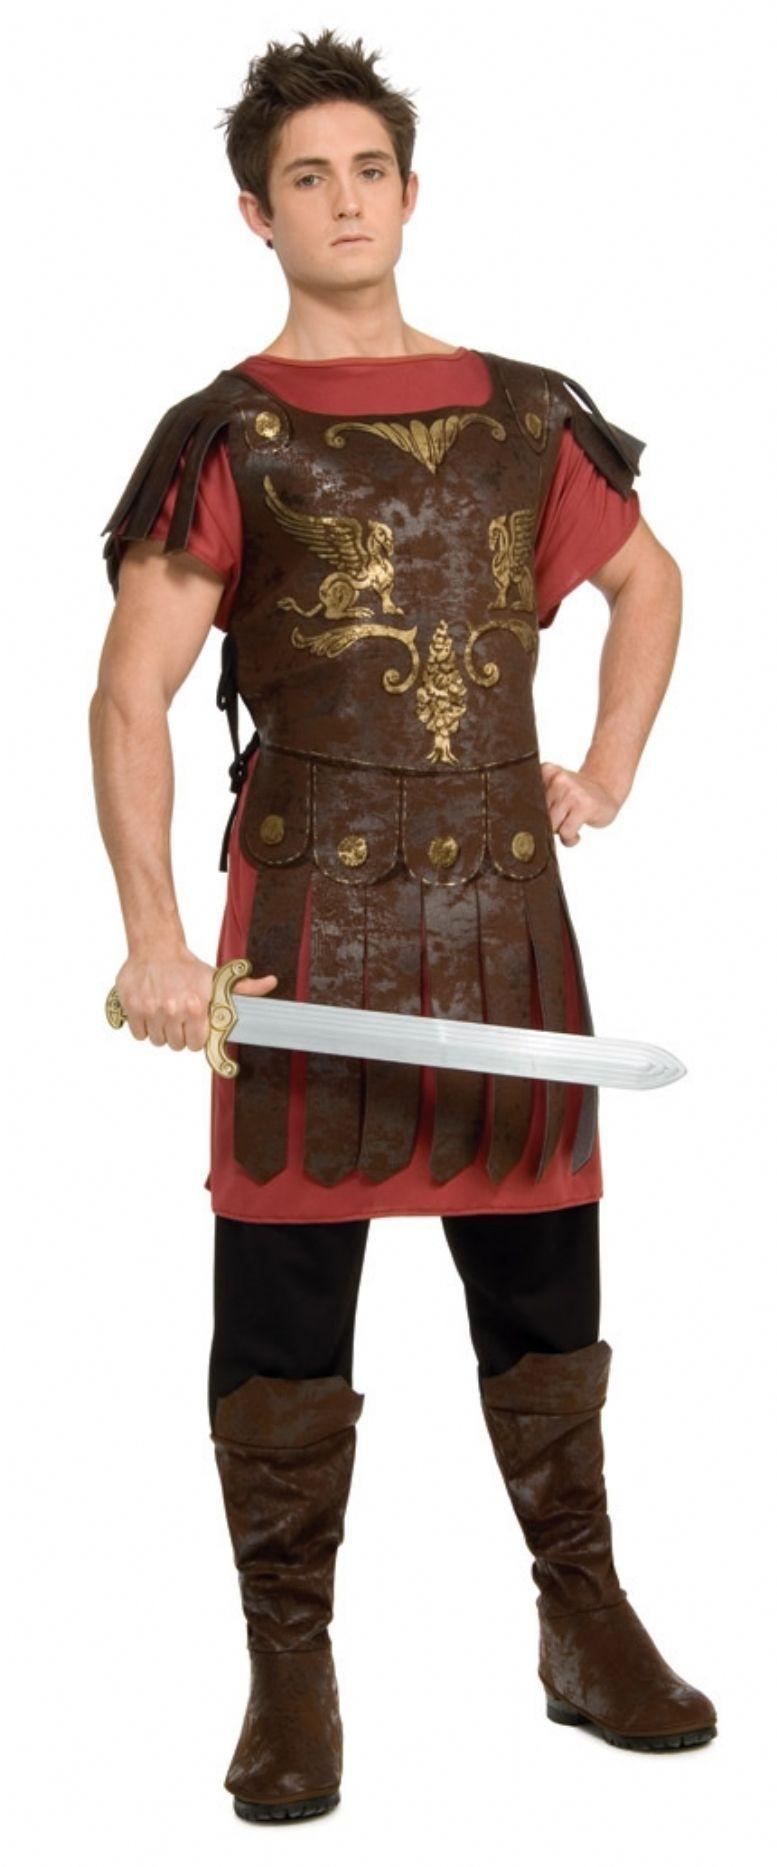 Костюм гладиатора (52) - Исторические костюмы, р.52